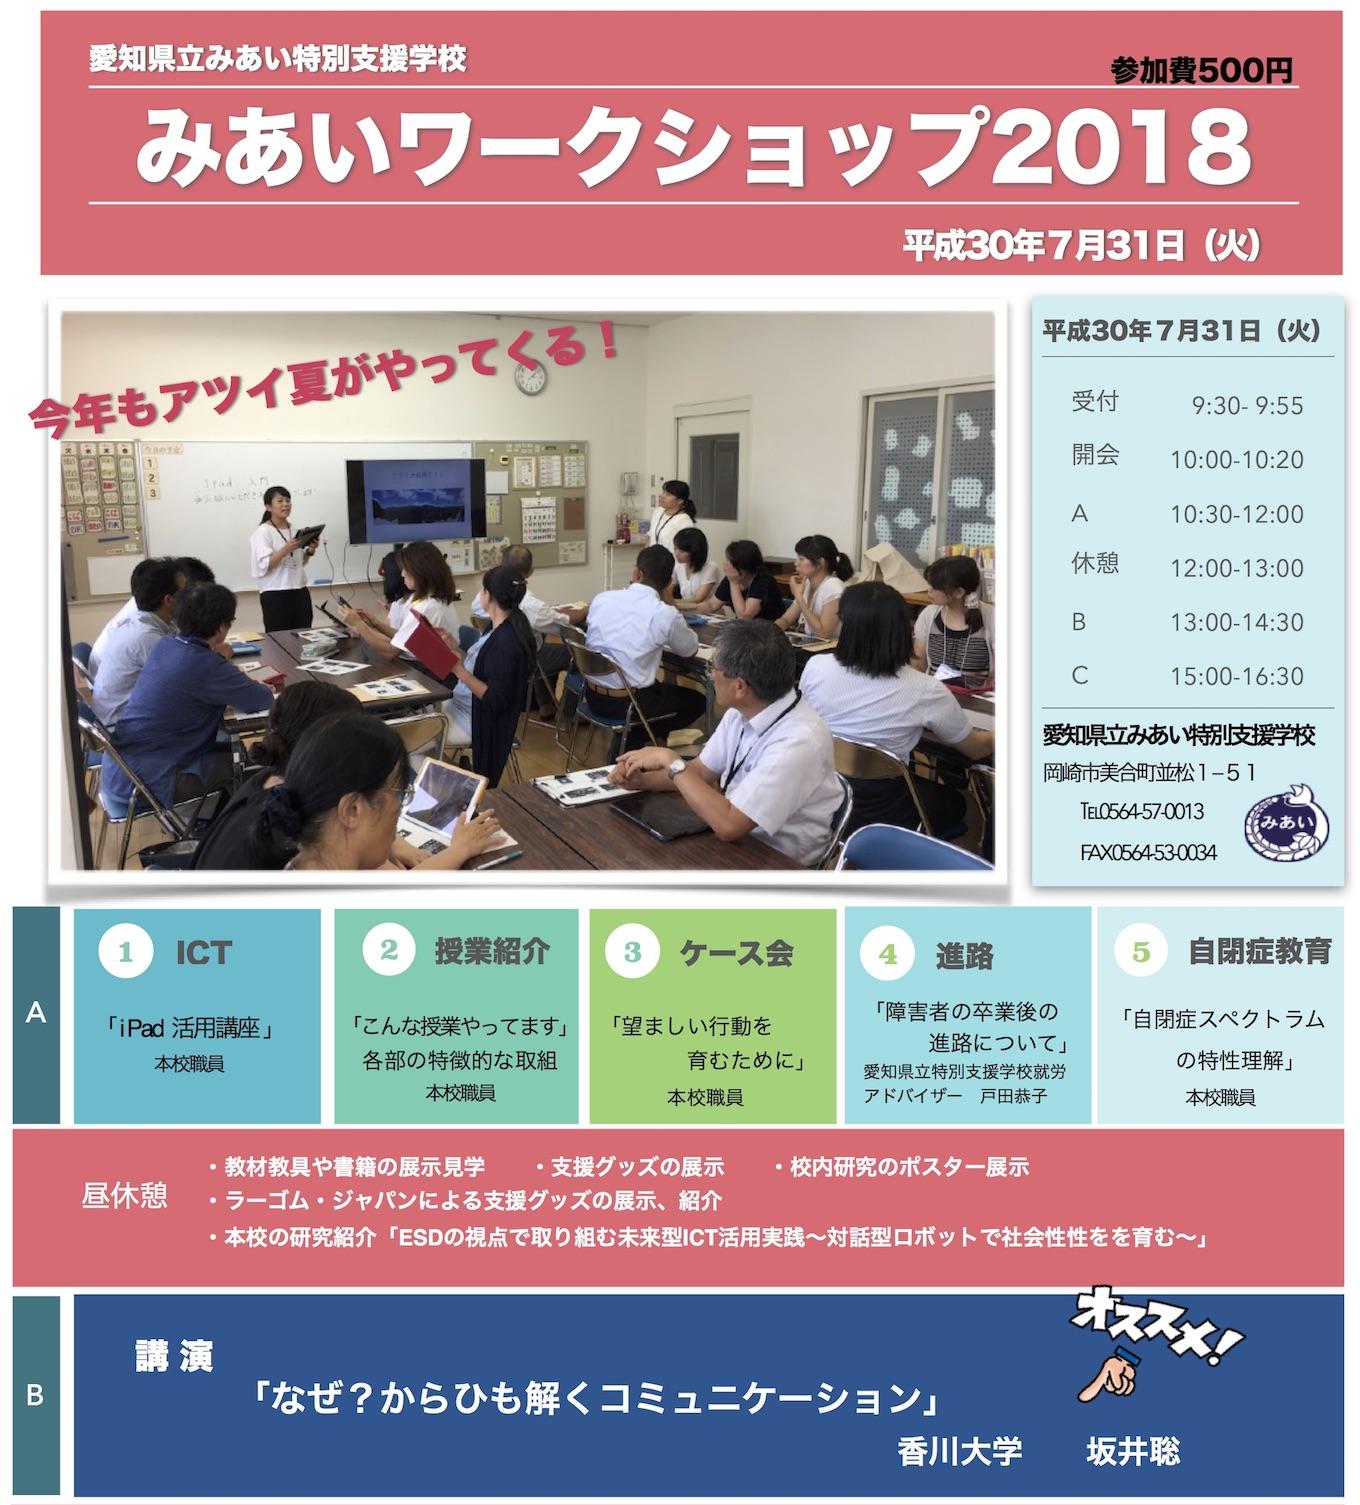 みあいワークショップ2018プログラム(愛知県立みあい特別支援学校)